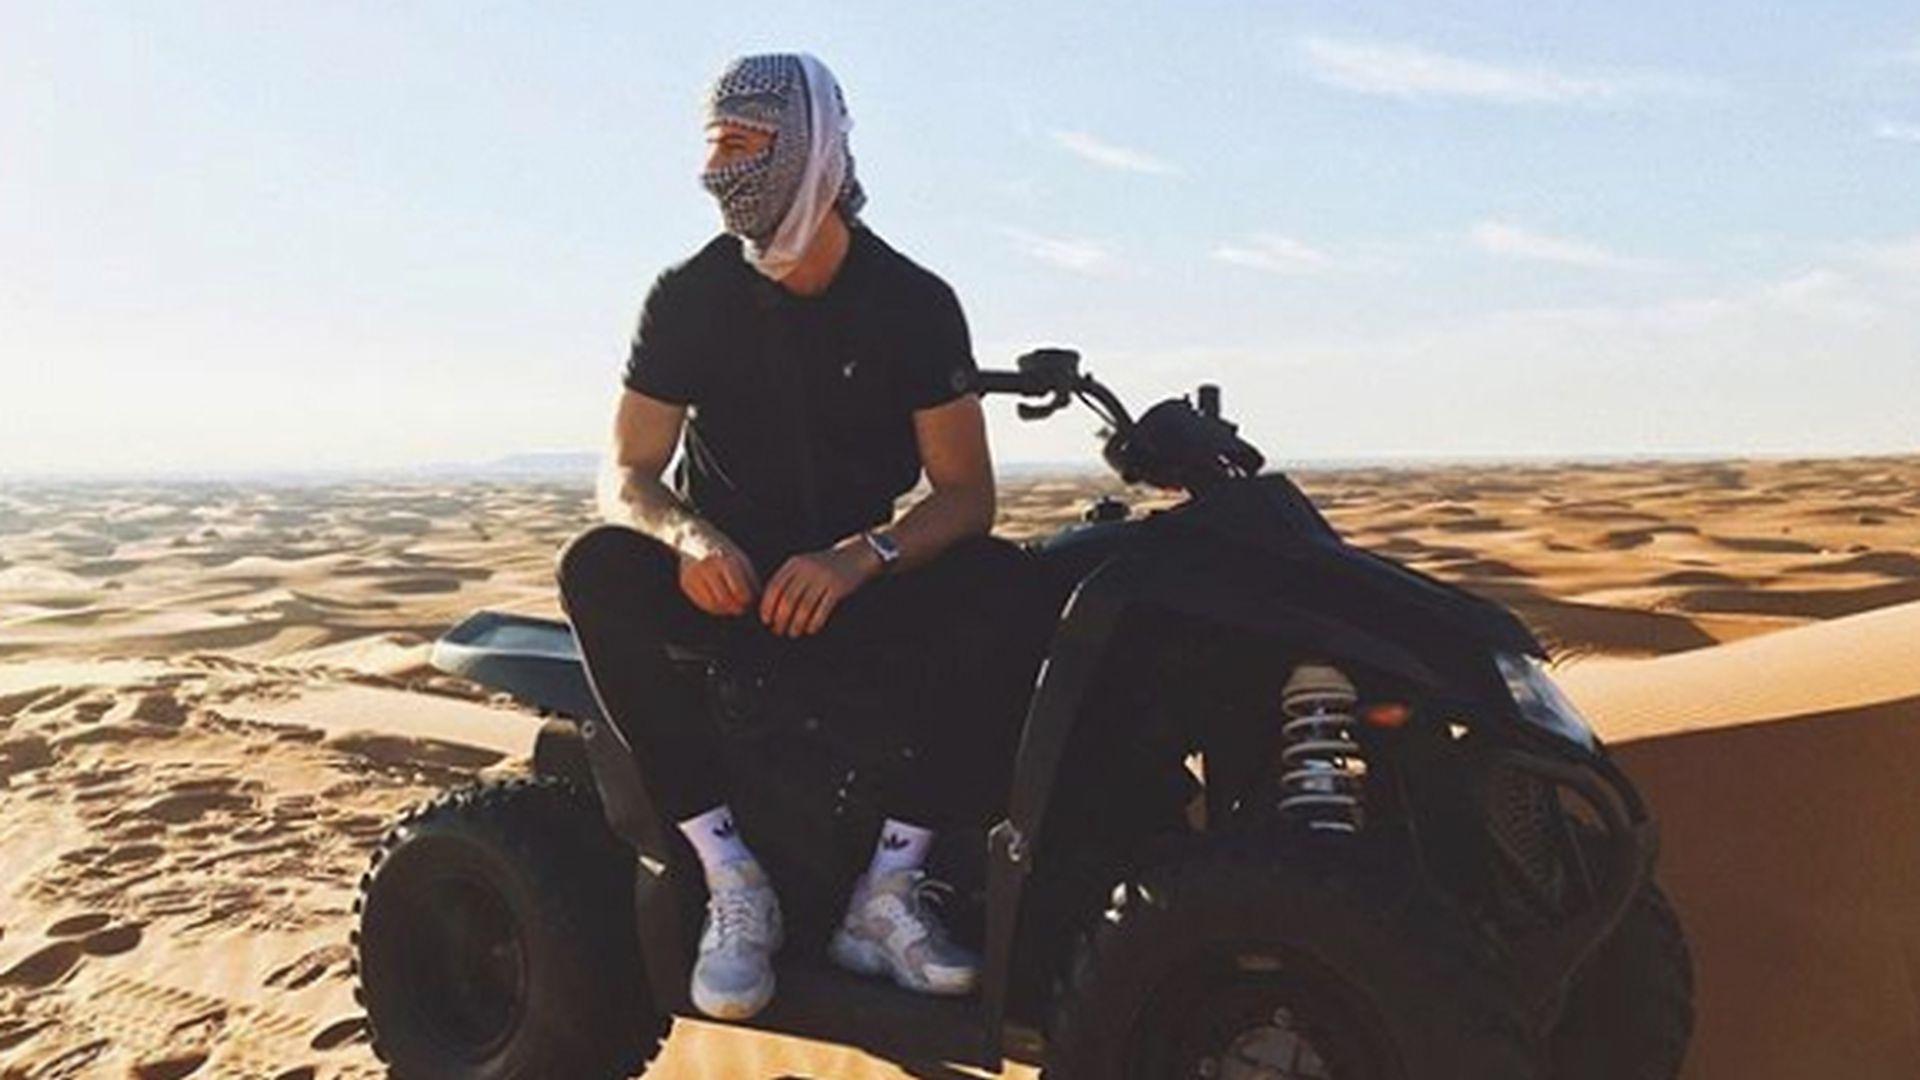 Zweites Parchenbild Lena Gercke Dustin Turteln In Dubai